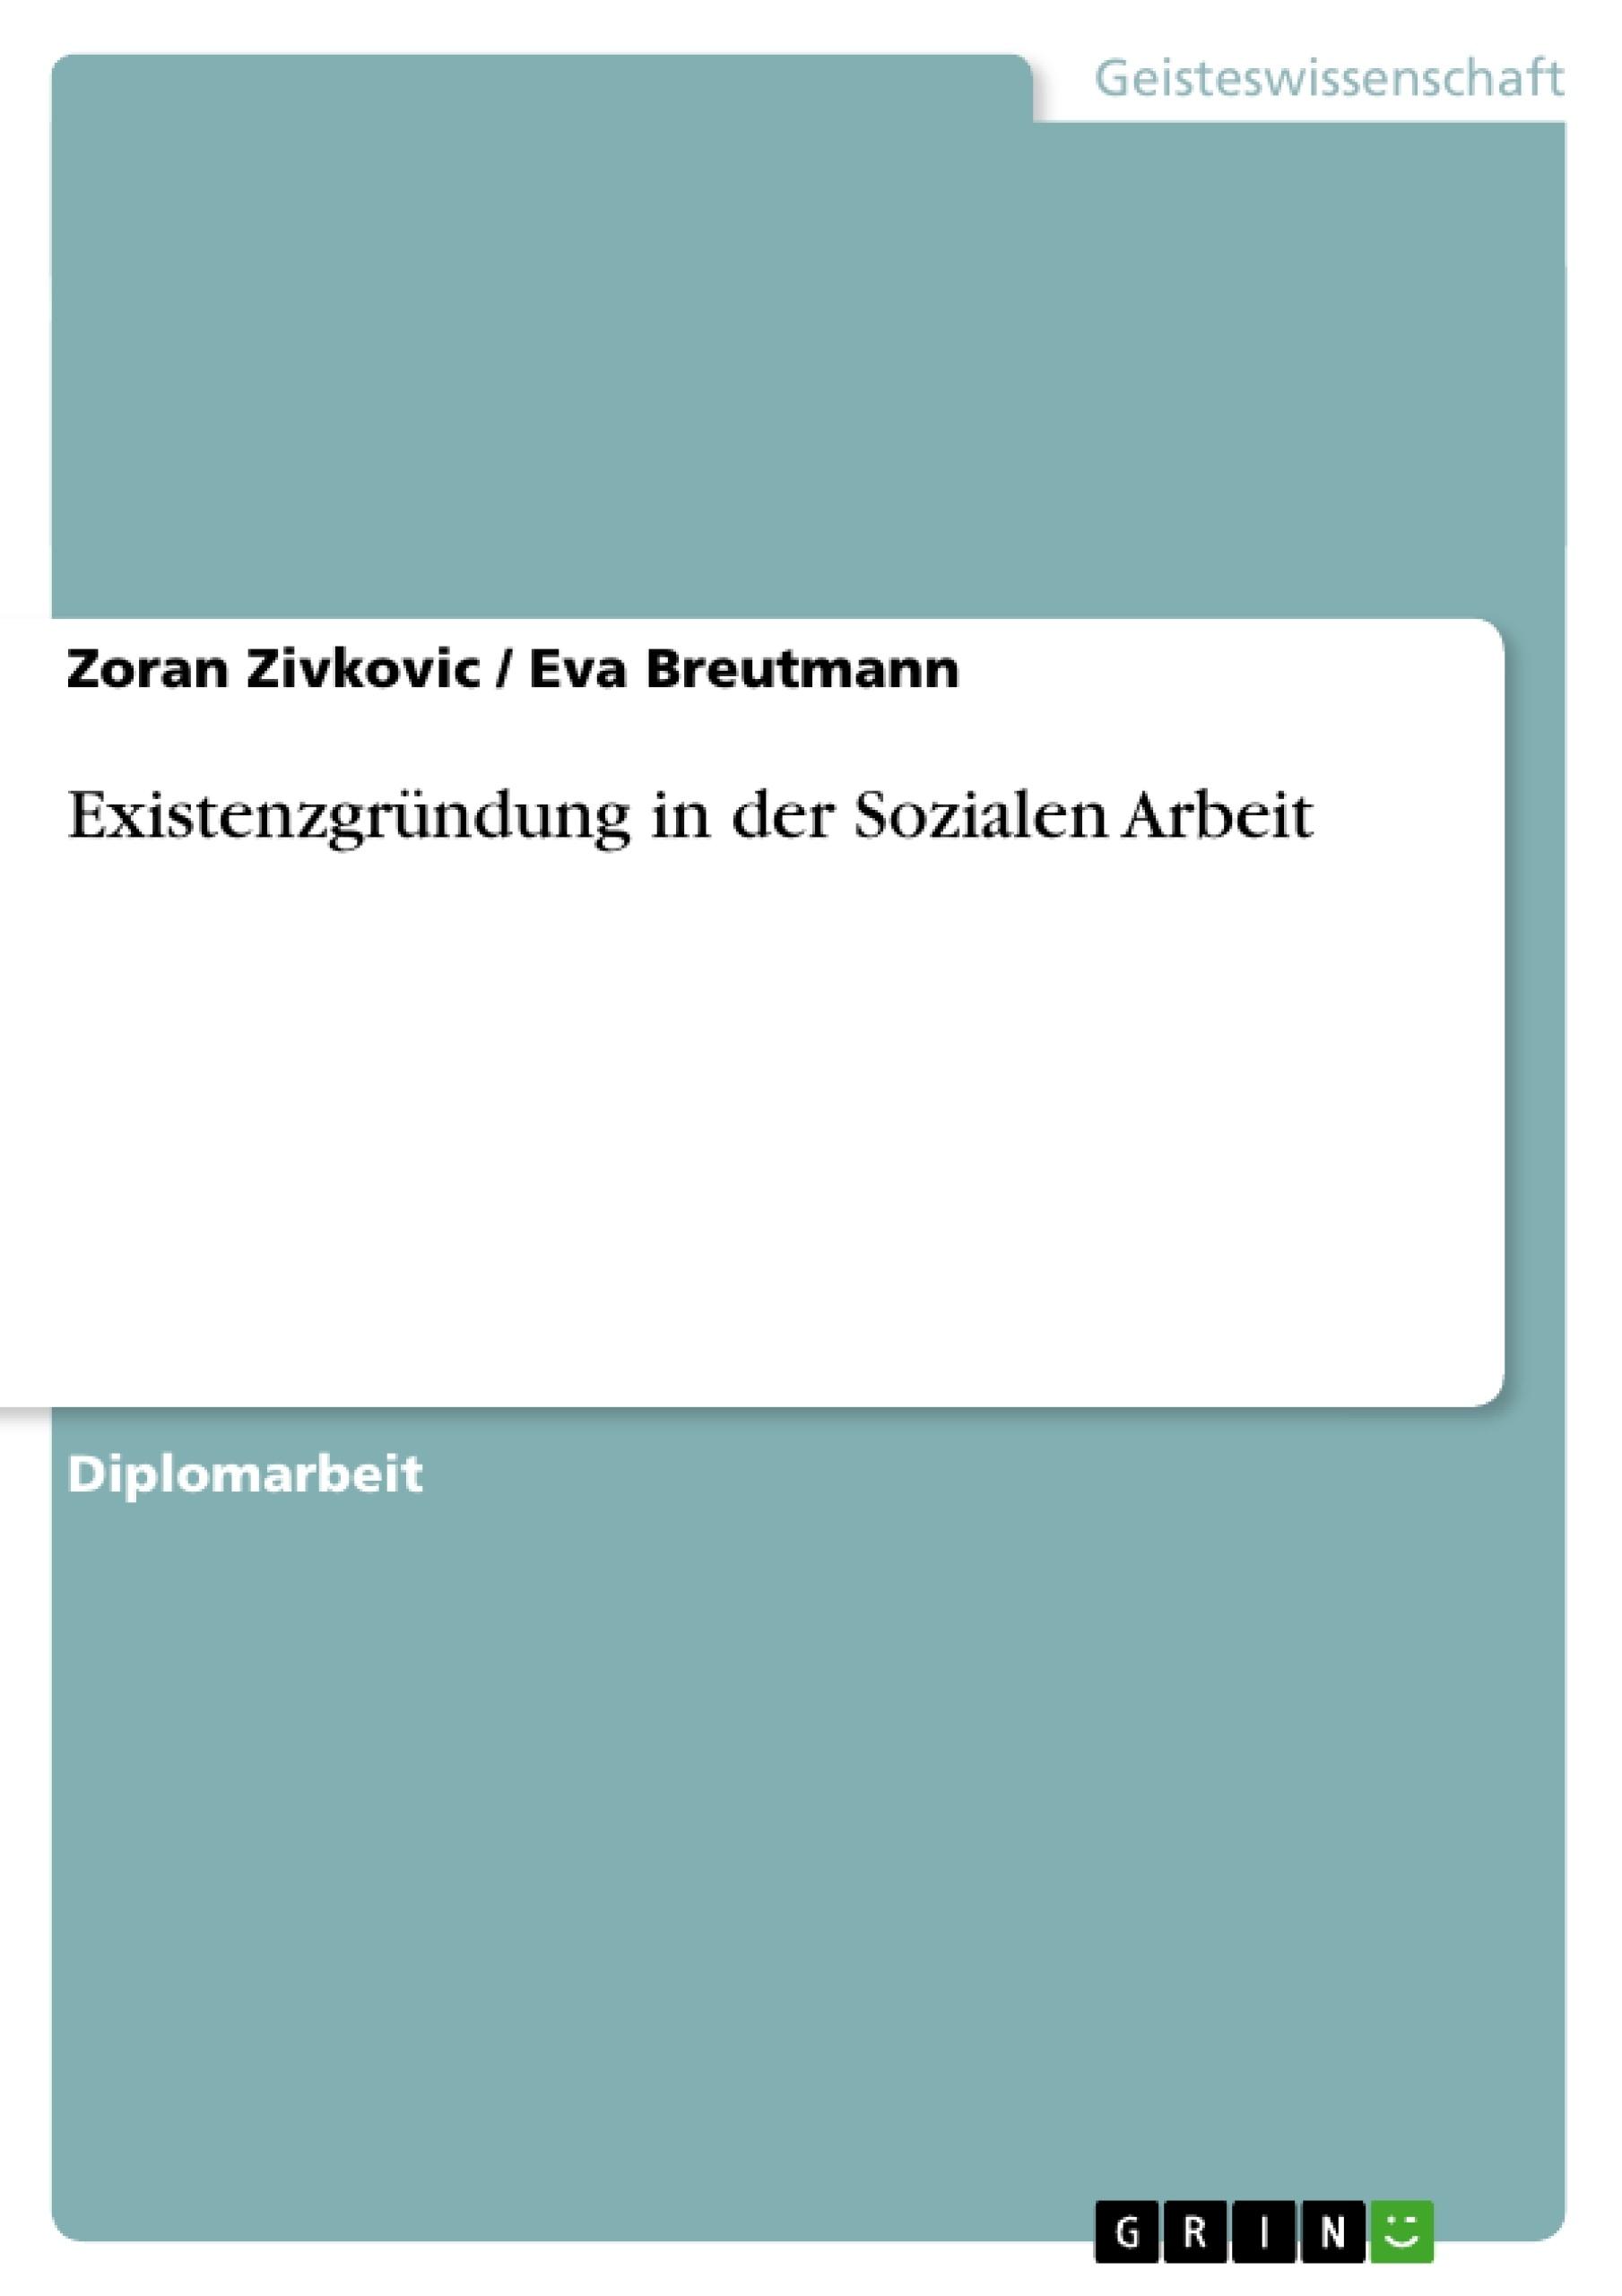 Titel: Existenzgründung in der Sozialen Arbeit